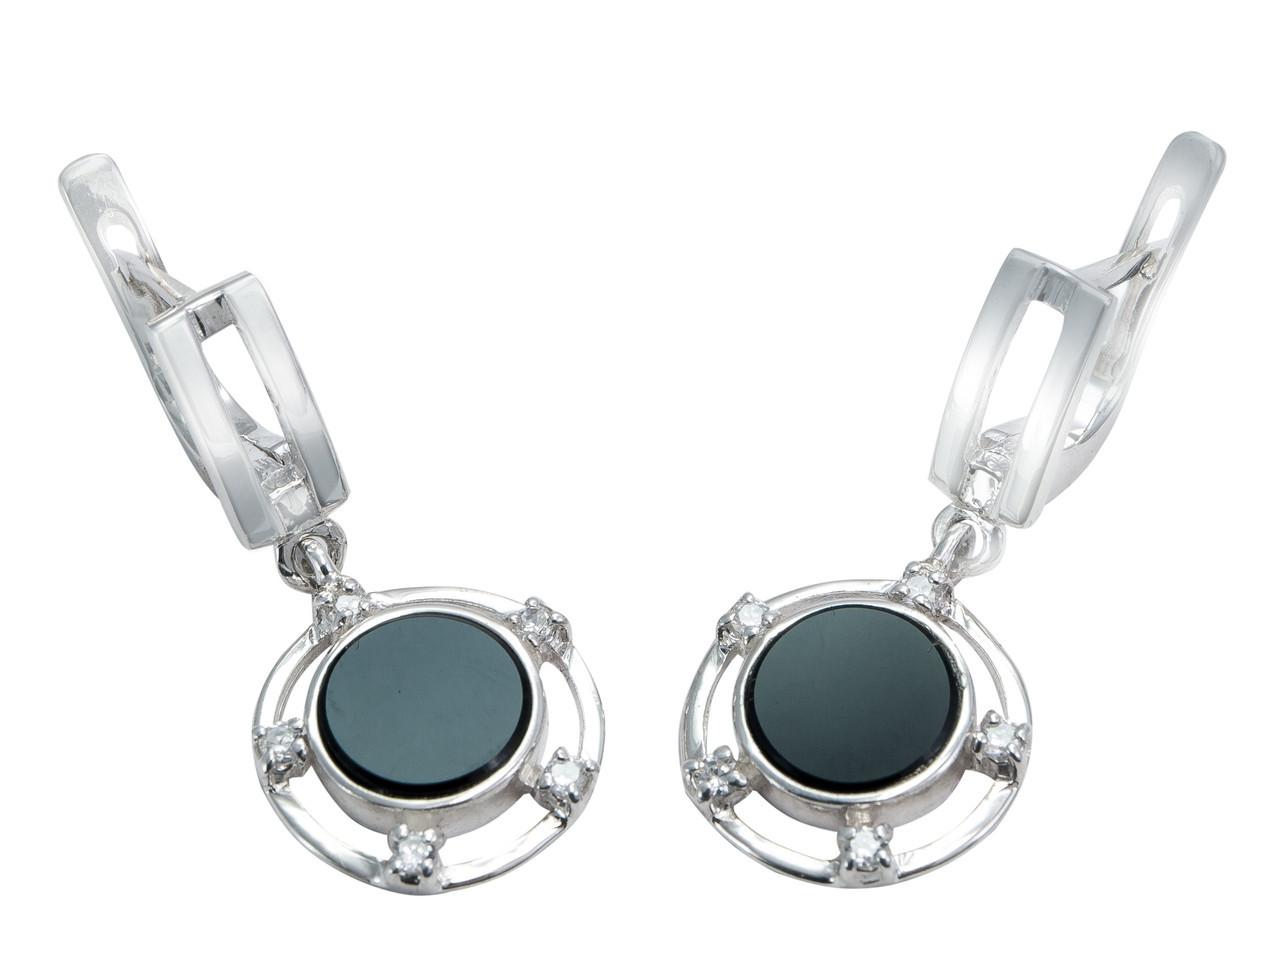 Серебряные серьги круглые с ониксом арт. 216